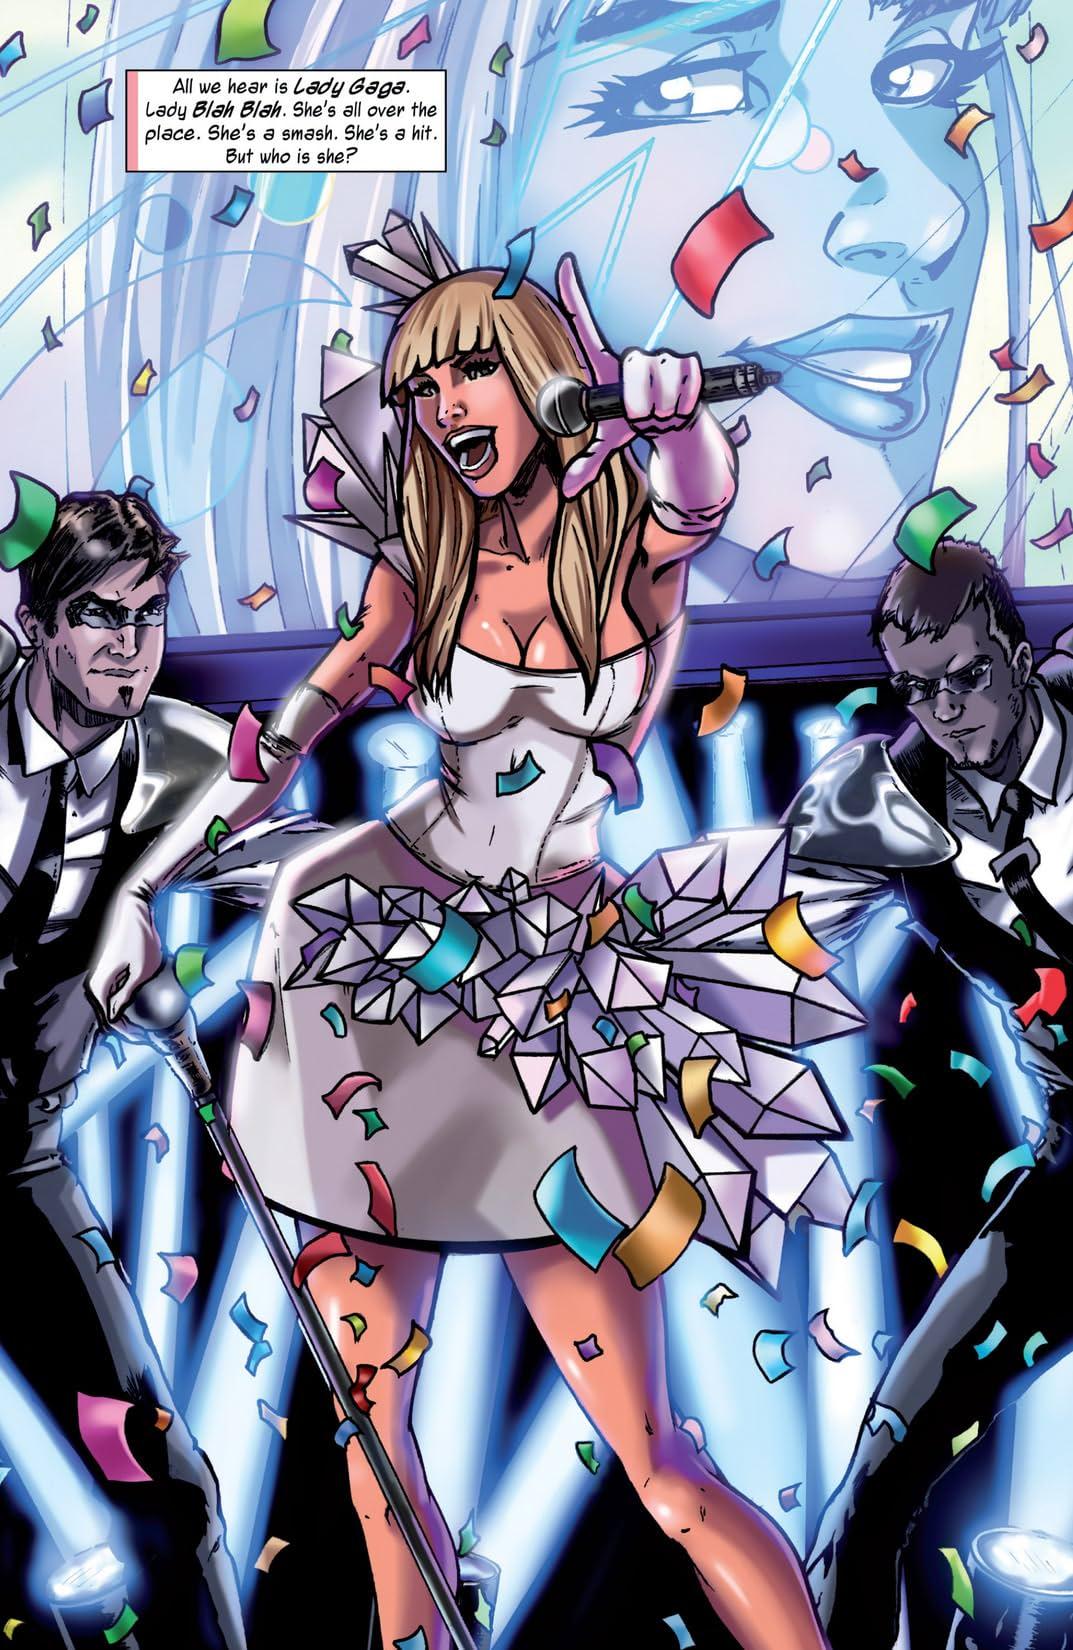 Fame: Lady Gaga #2